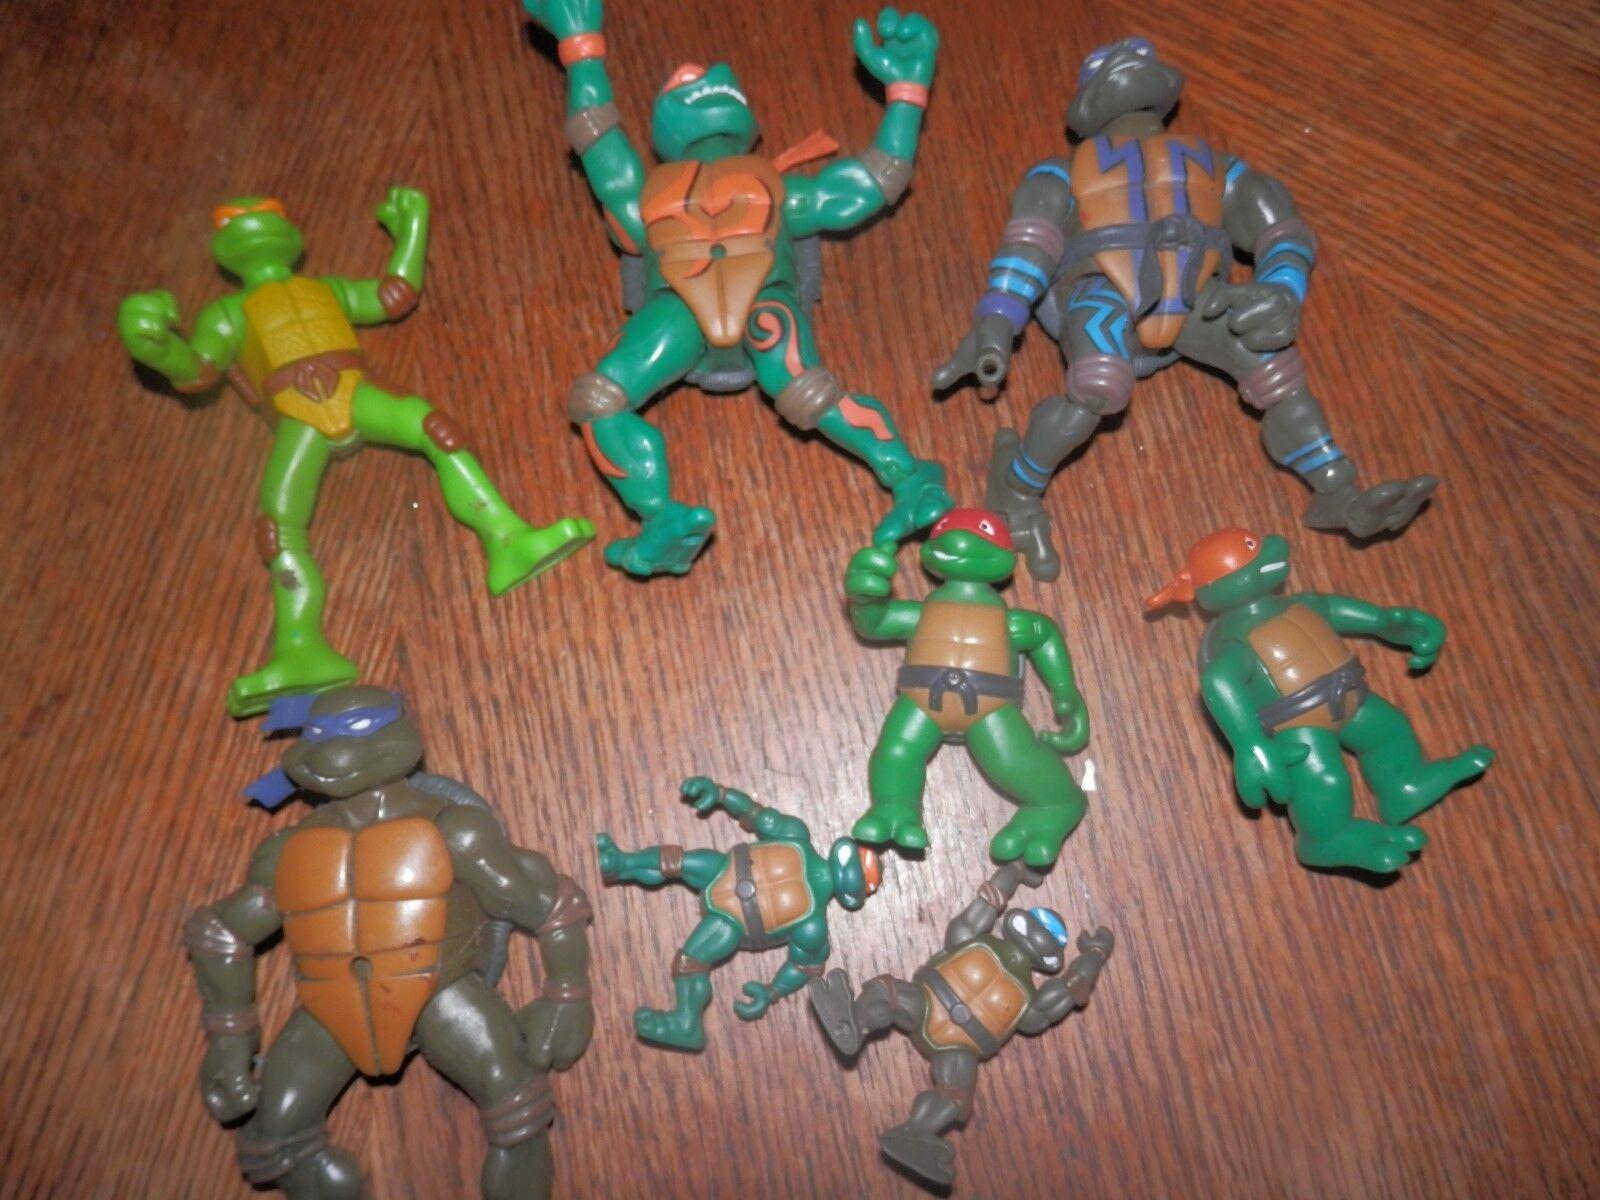 Teenage Mutant Ninja Turtles Action Figure Lot - 1980's